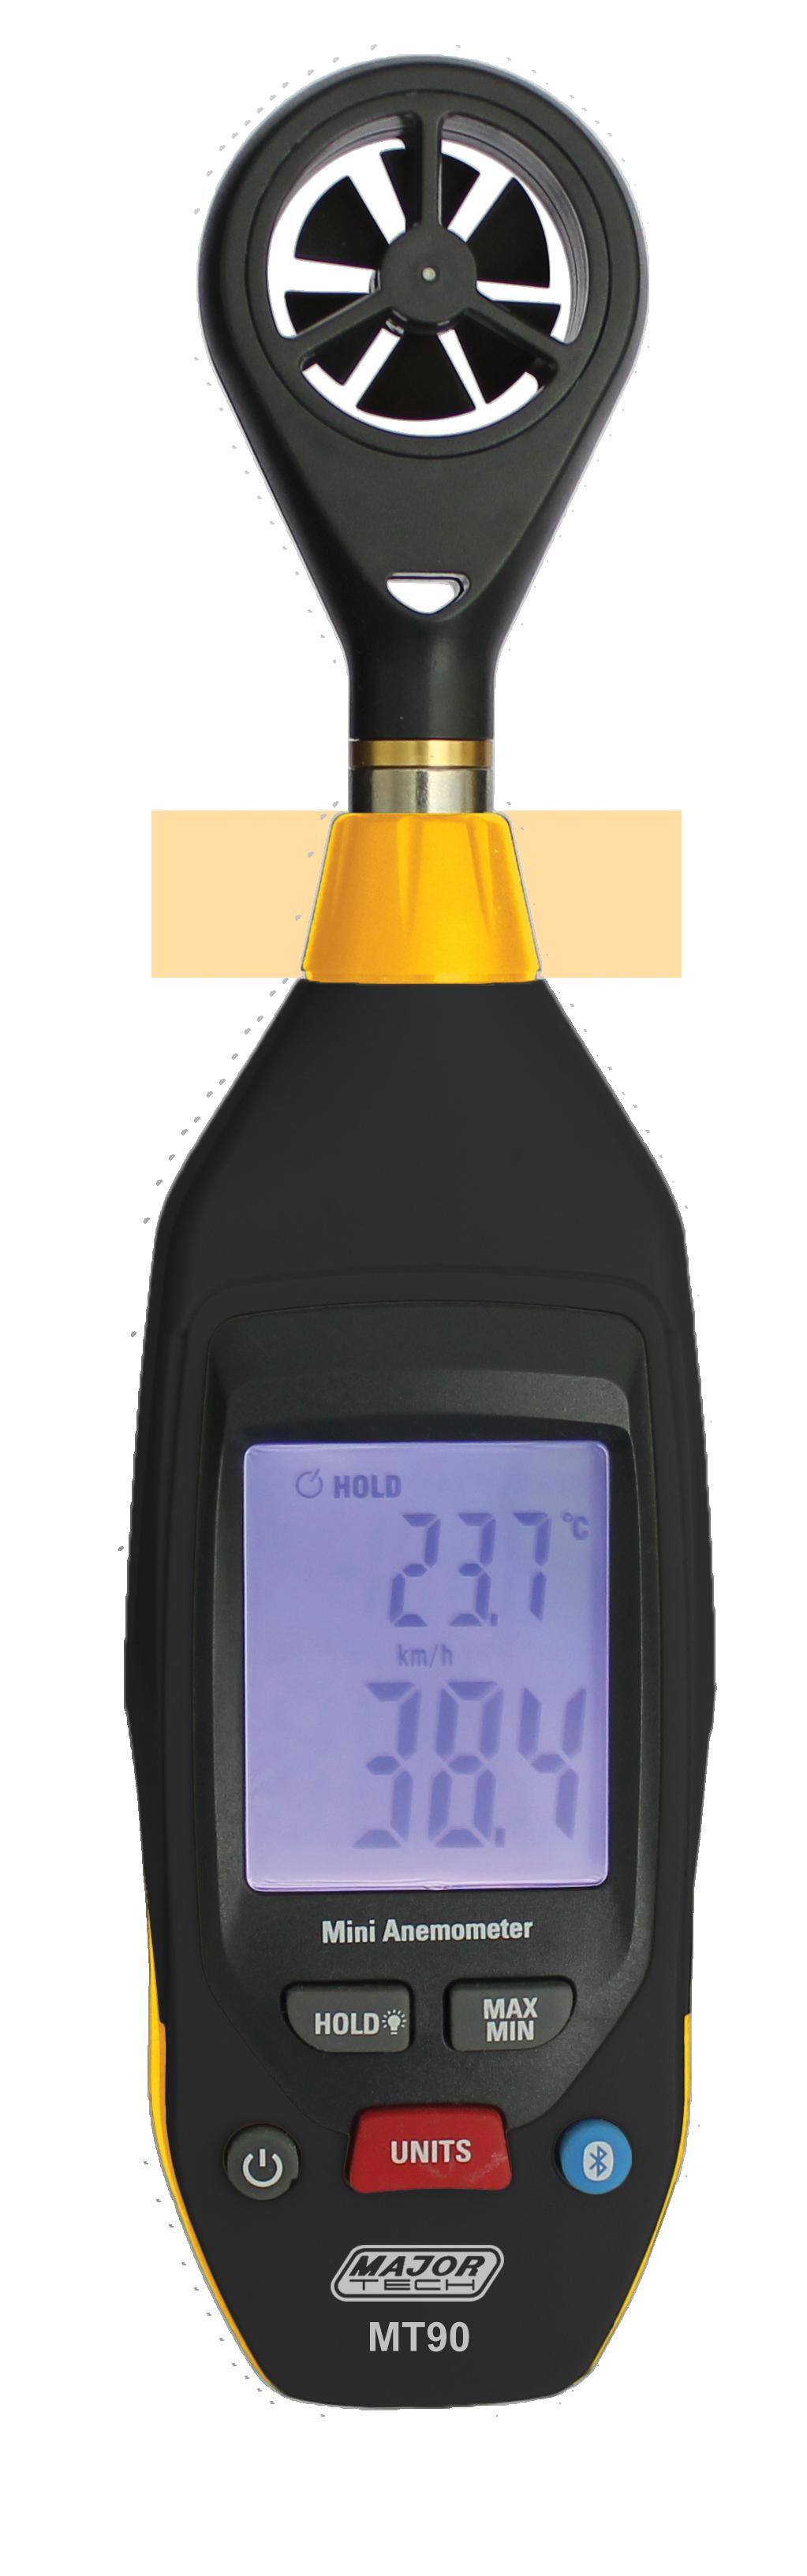 Mini Thermo - Anemometer (MT90) - Major Tech